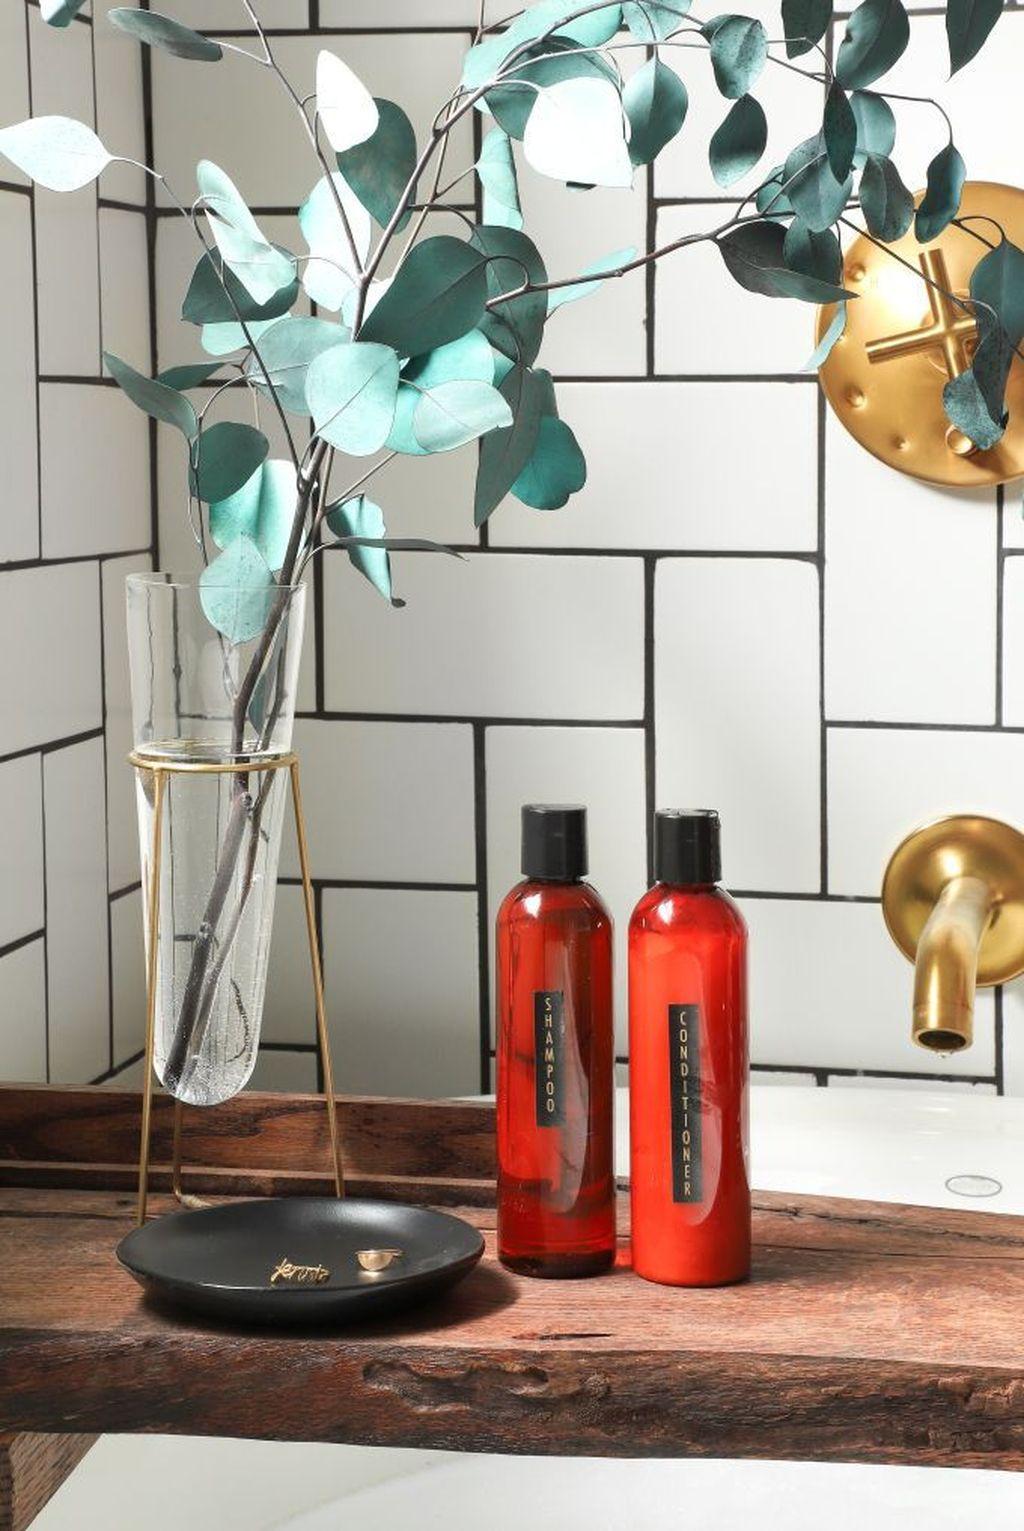 Affordable Diy Organization Bathroom Design Ideas For Bottle And Towel Labels22